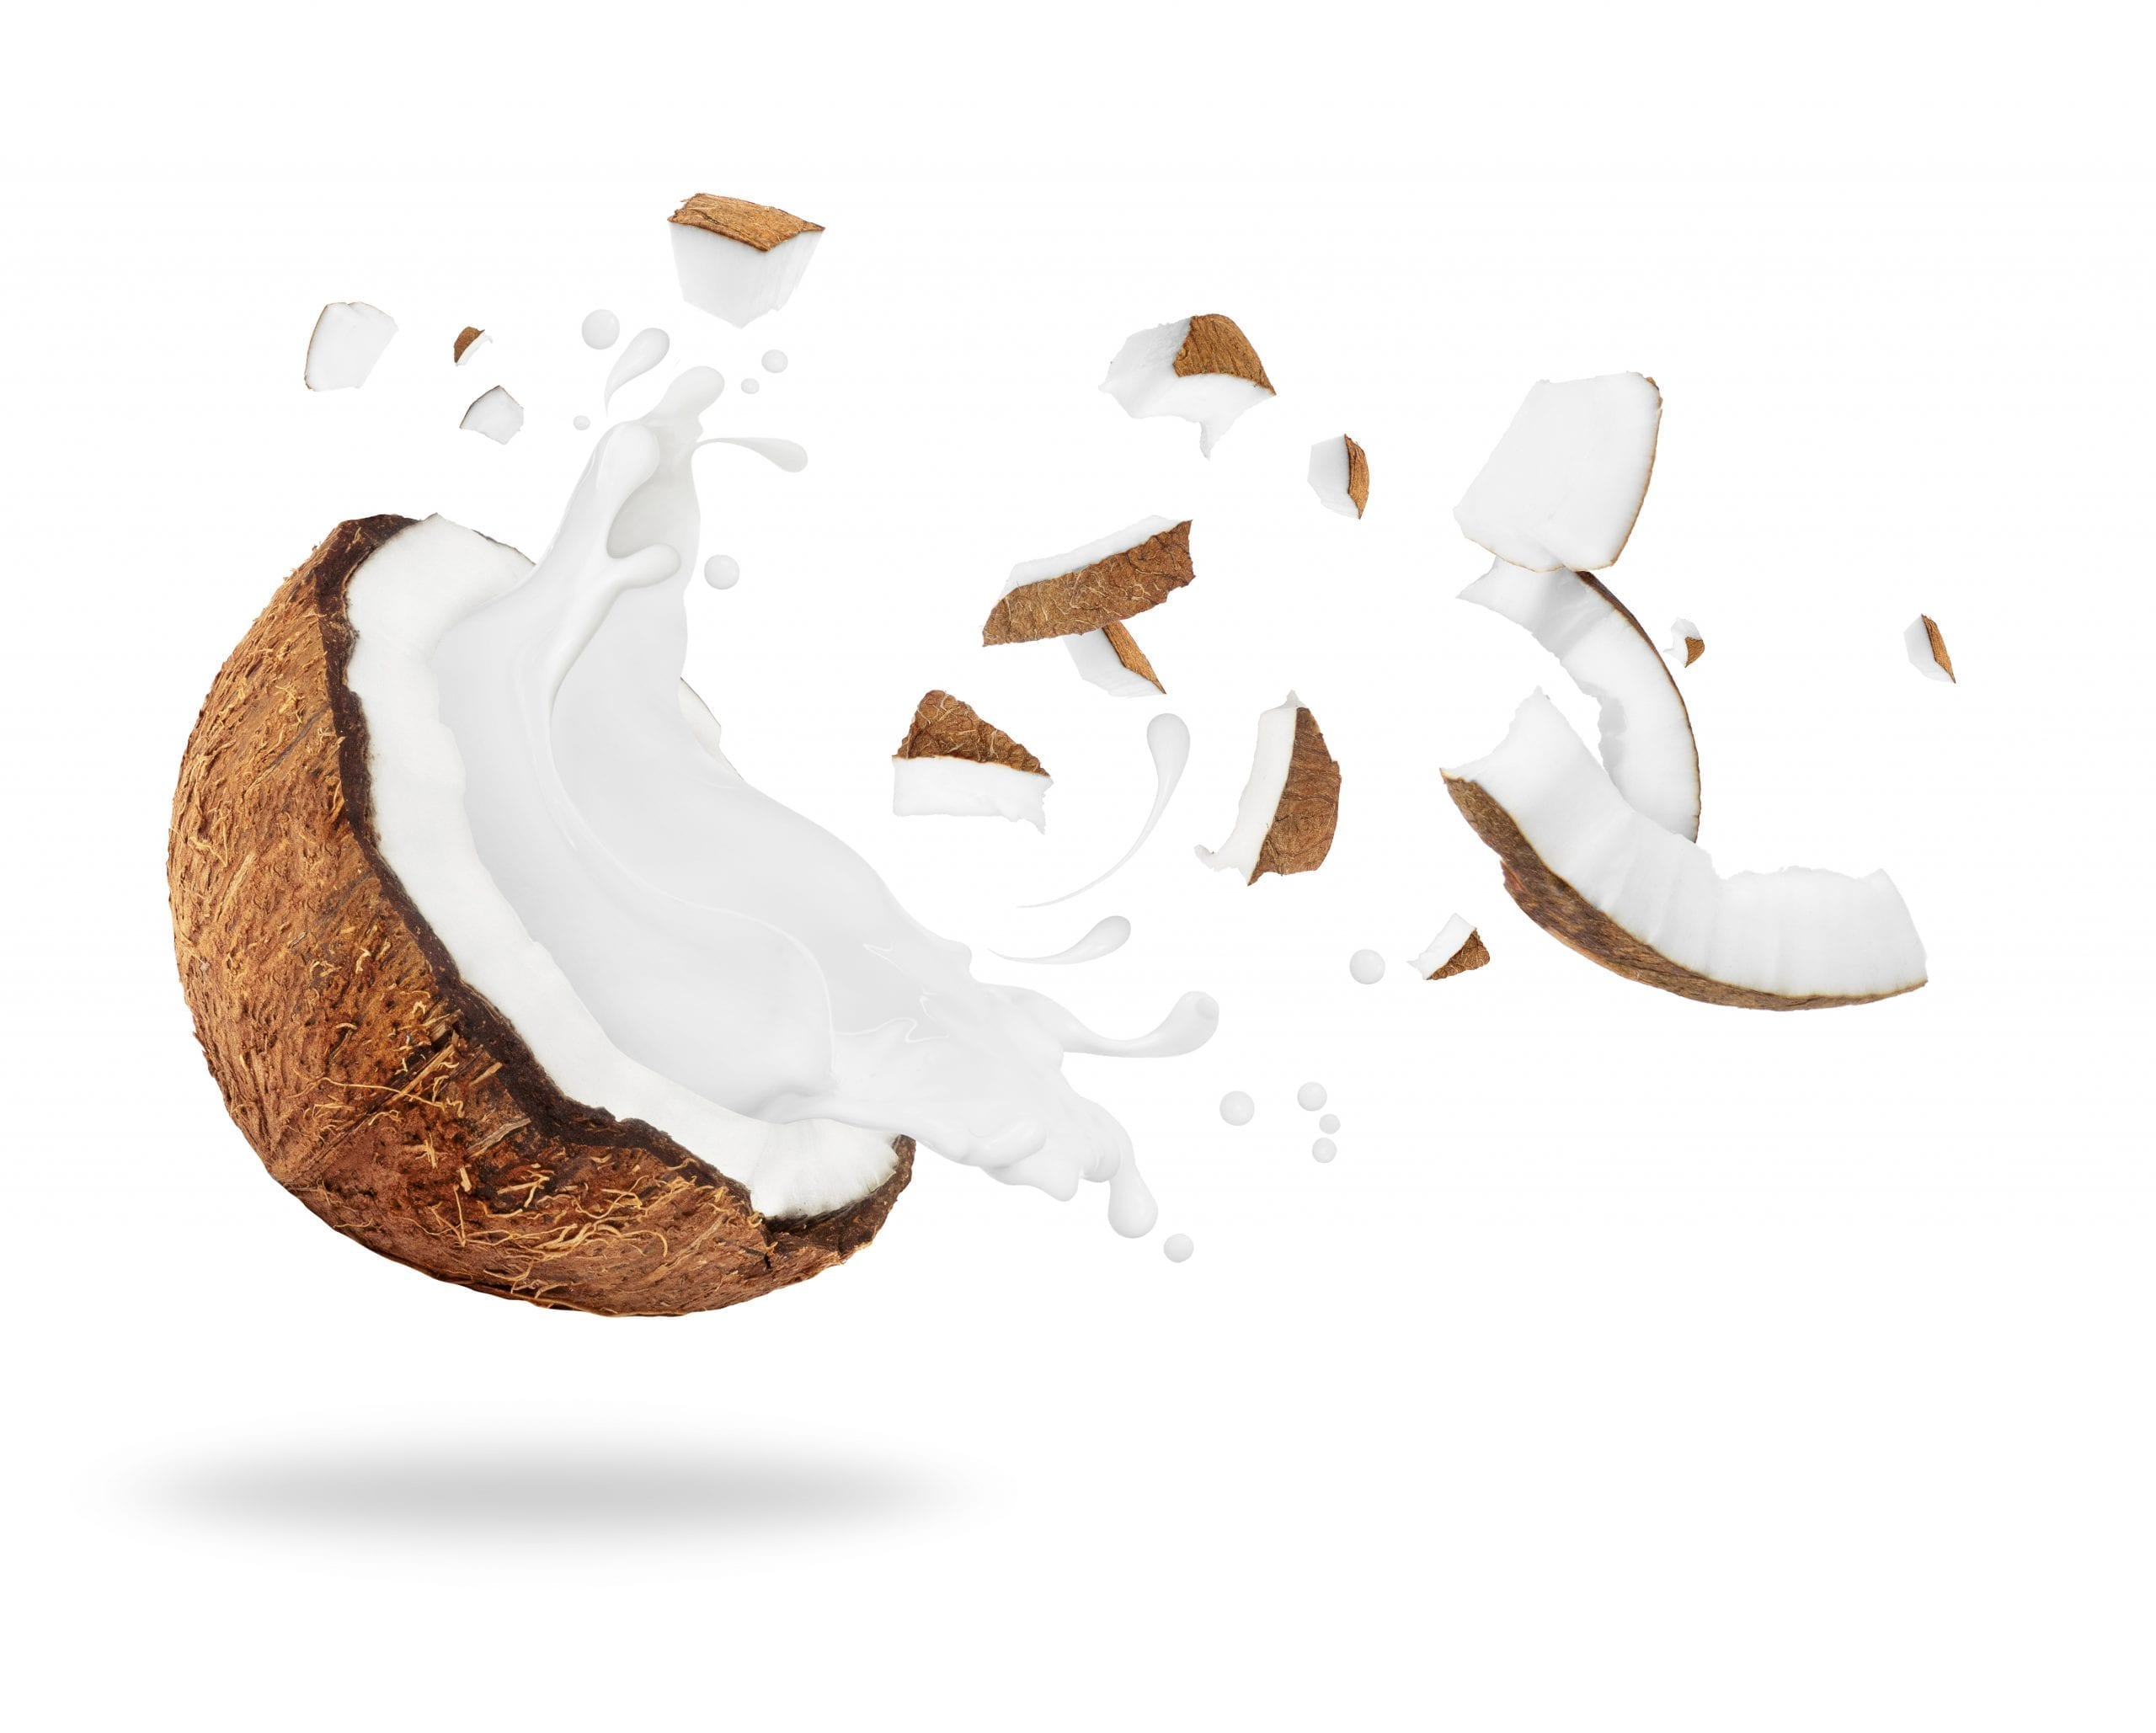 Afbeelding van een smaakvol exploderende kokosnoot